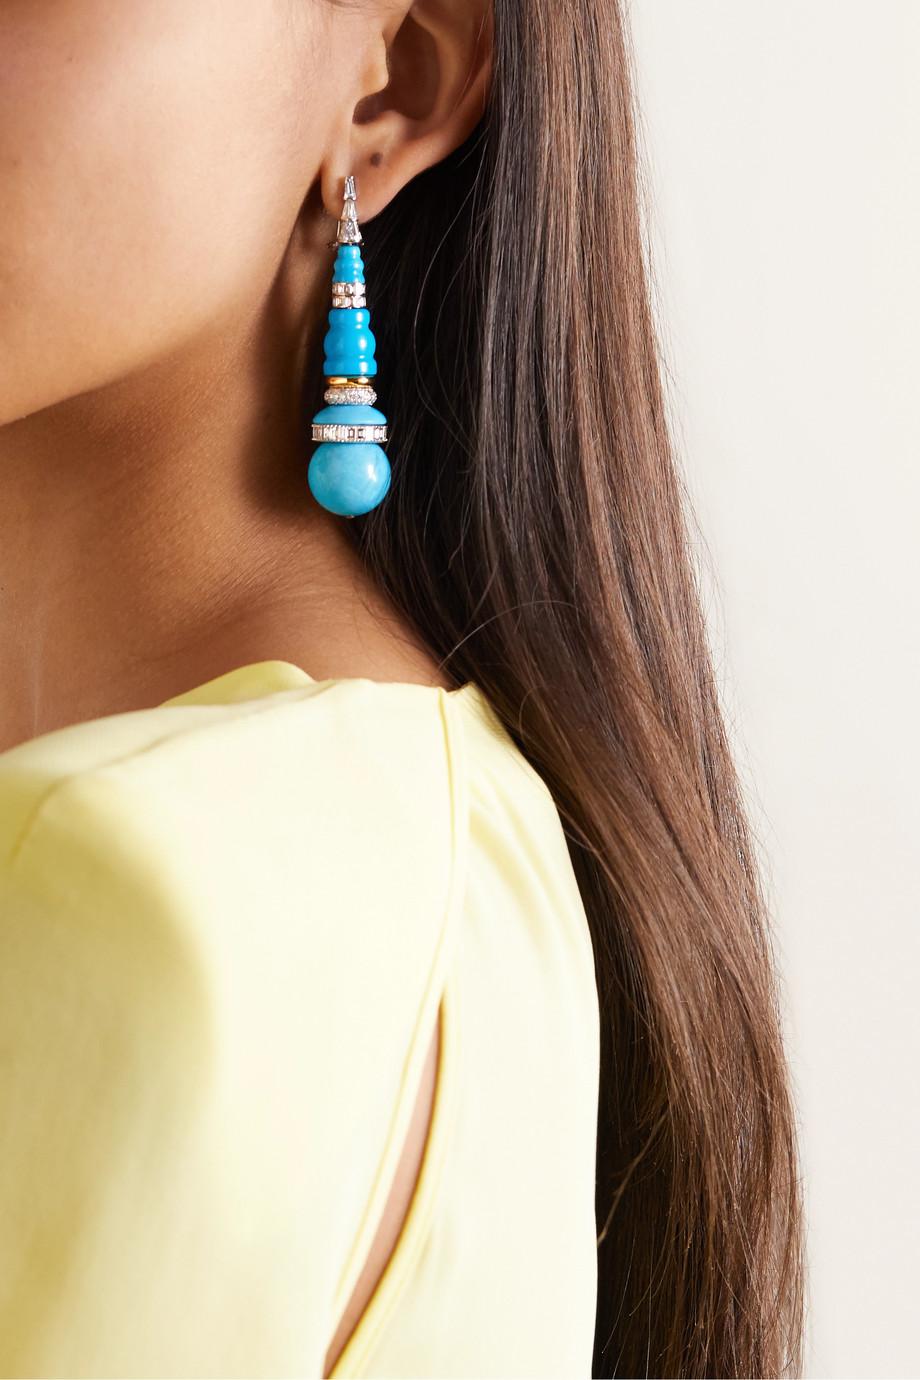 Bina Goenka Ohrringe aus 18 Karat Weiß- und Gelbgold mit Türkisen und Diamanten